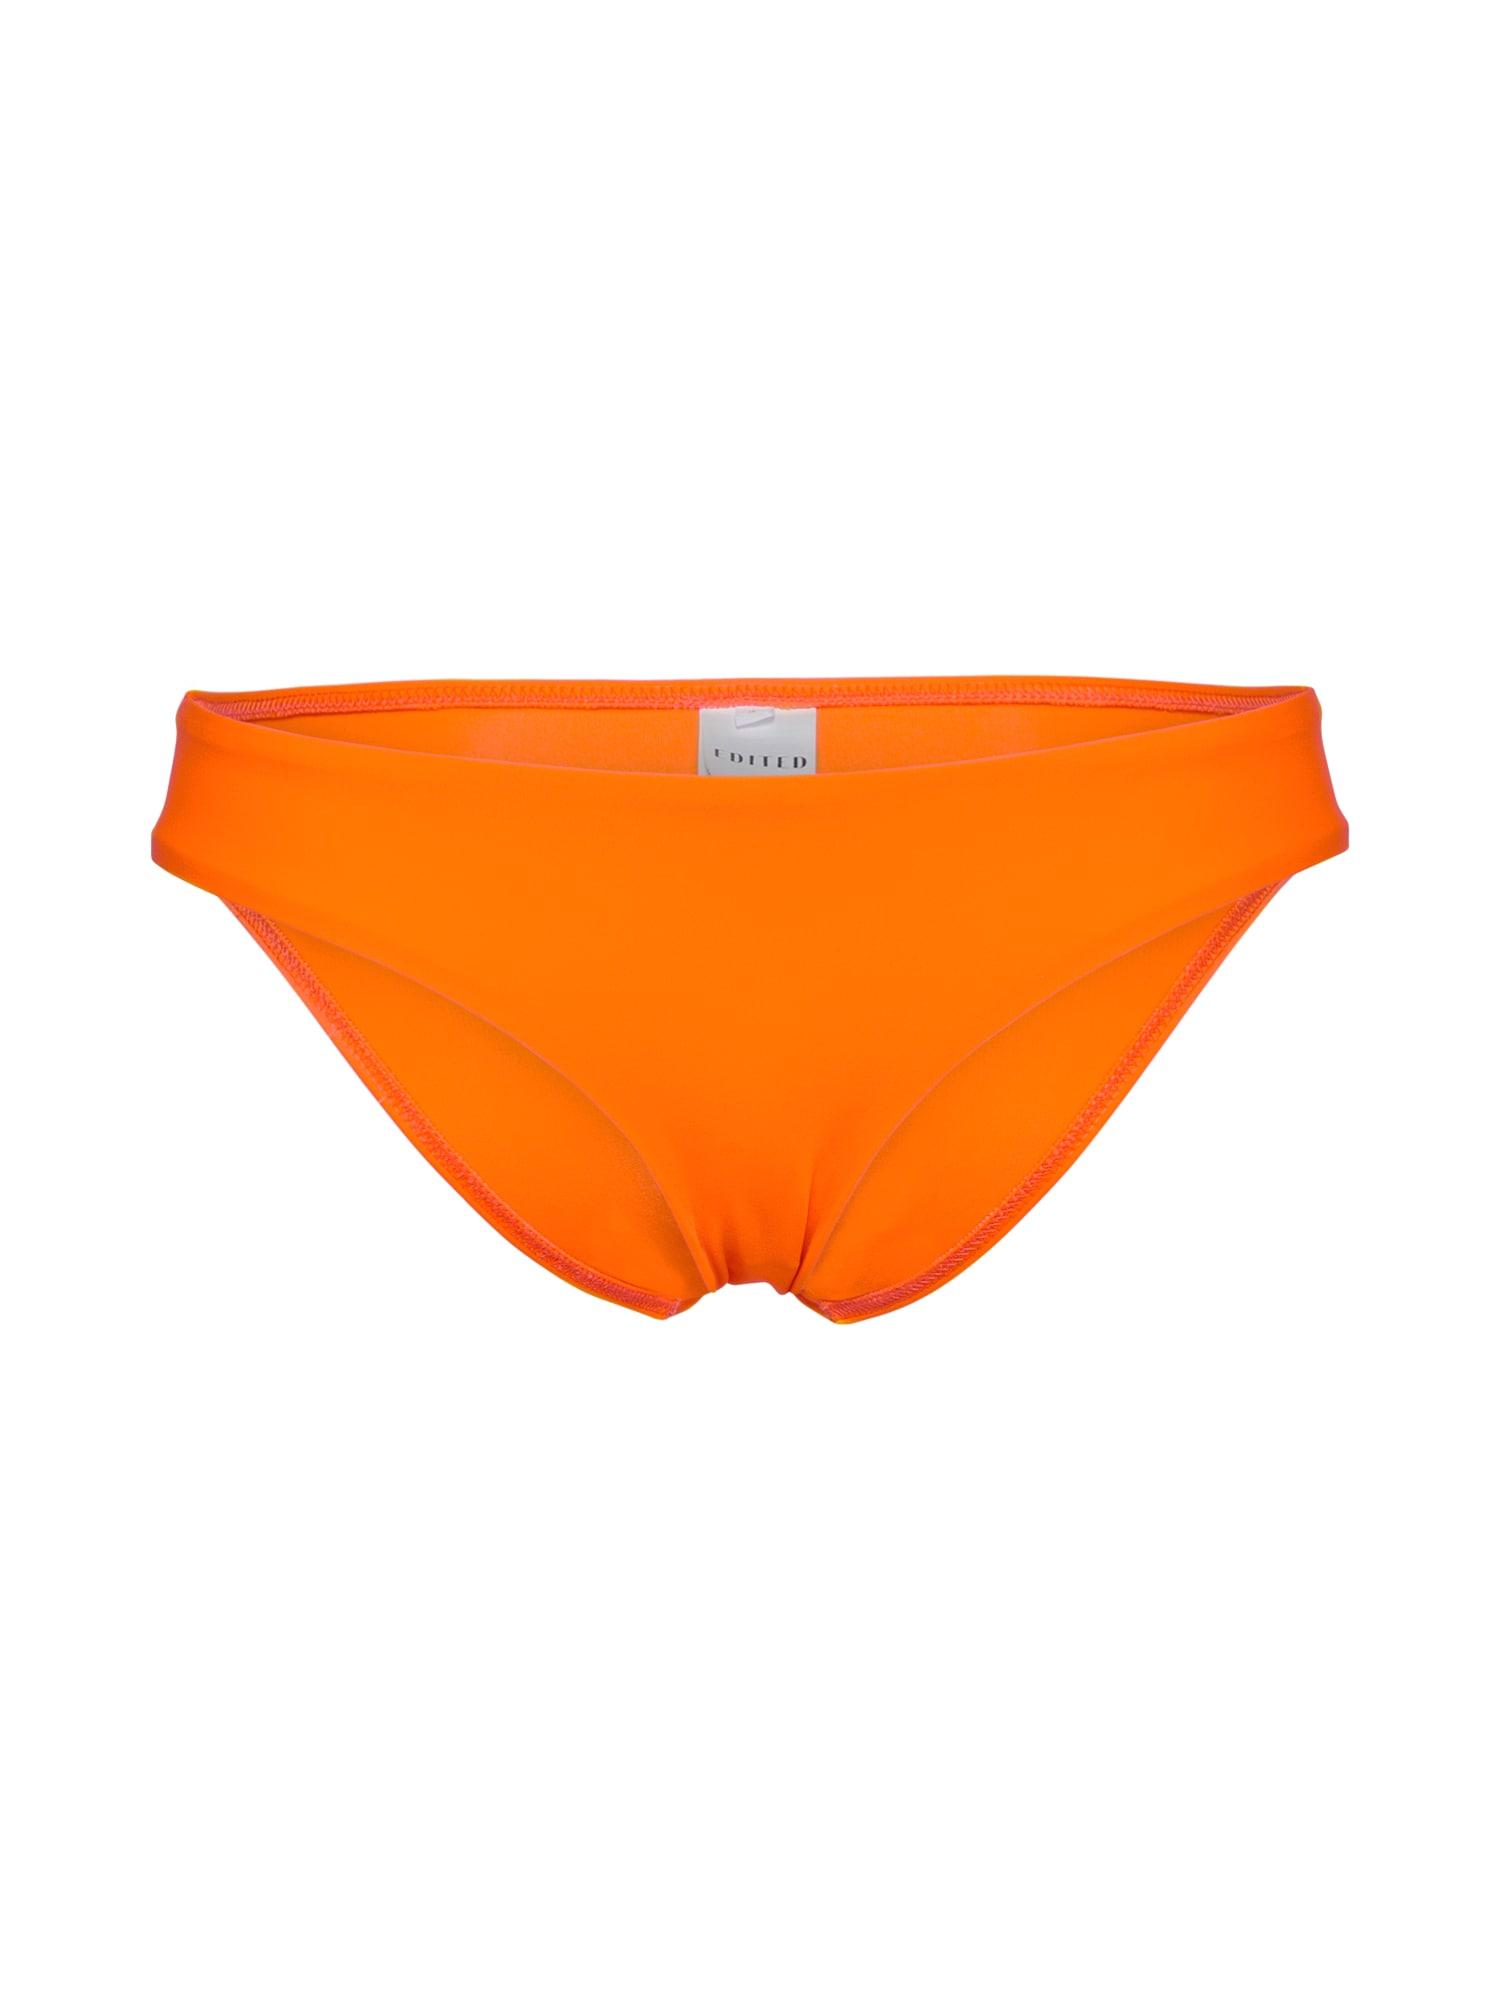 Spodní díl plavek Hira oranžová EDITED